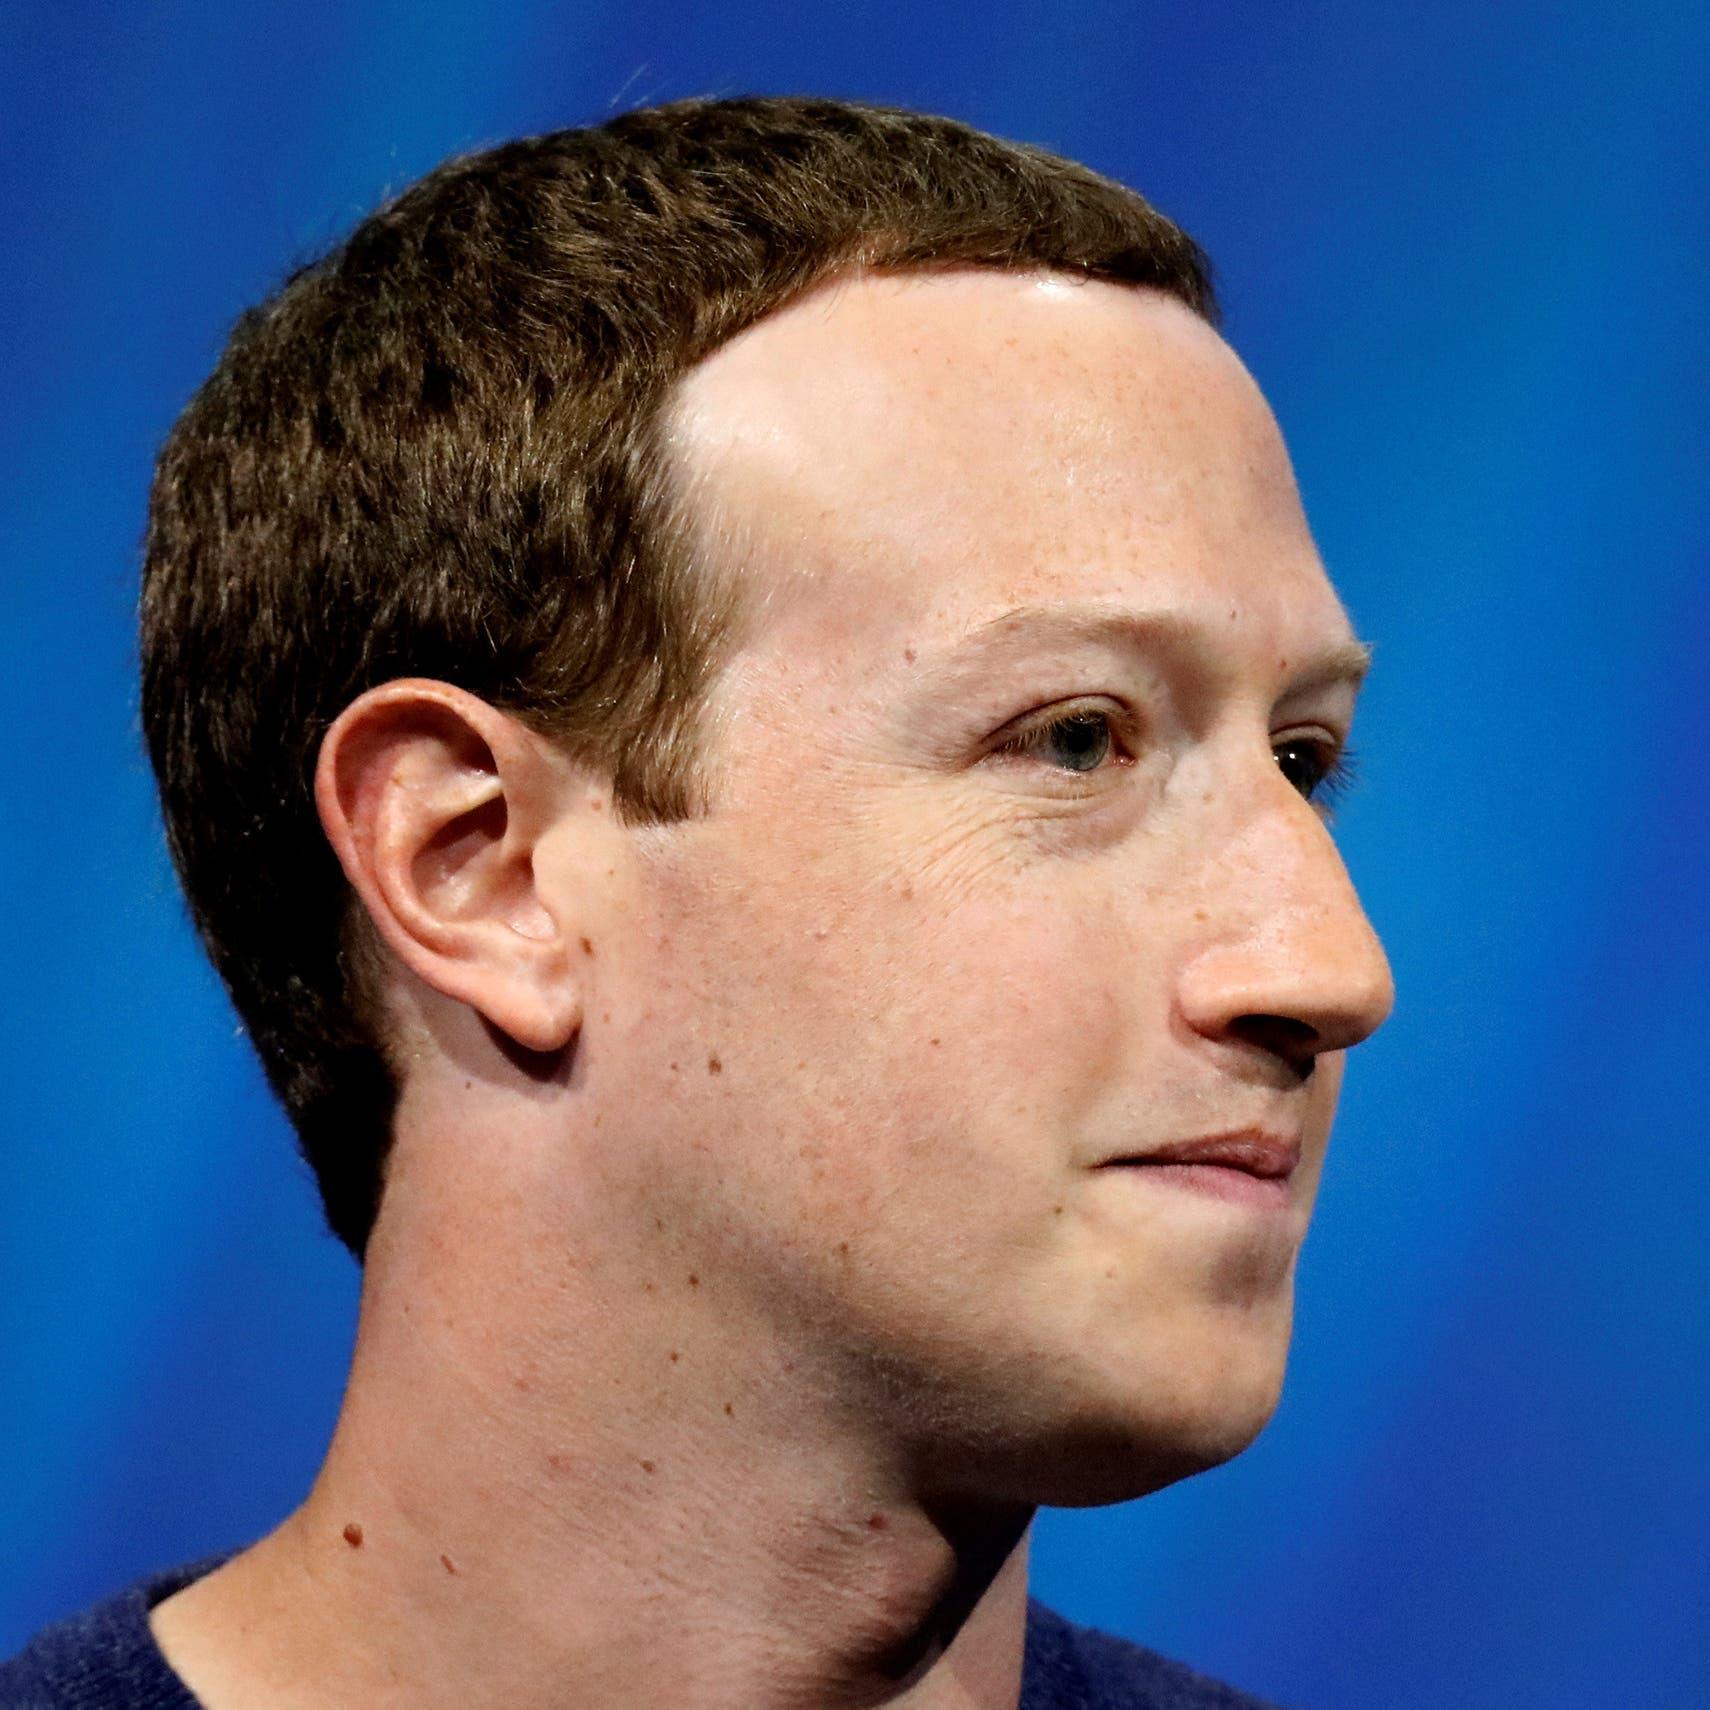 زوكربيرغ واثق من تصدي فيسبوك للتدخلات بانتخابات أميركا بـ2020